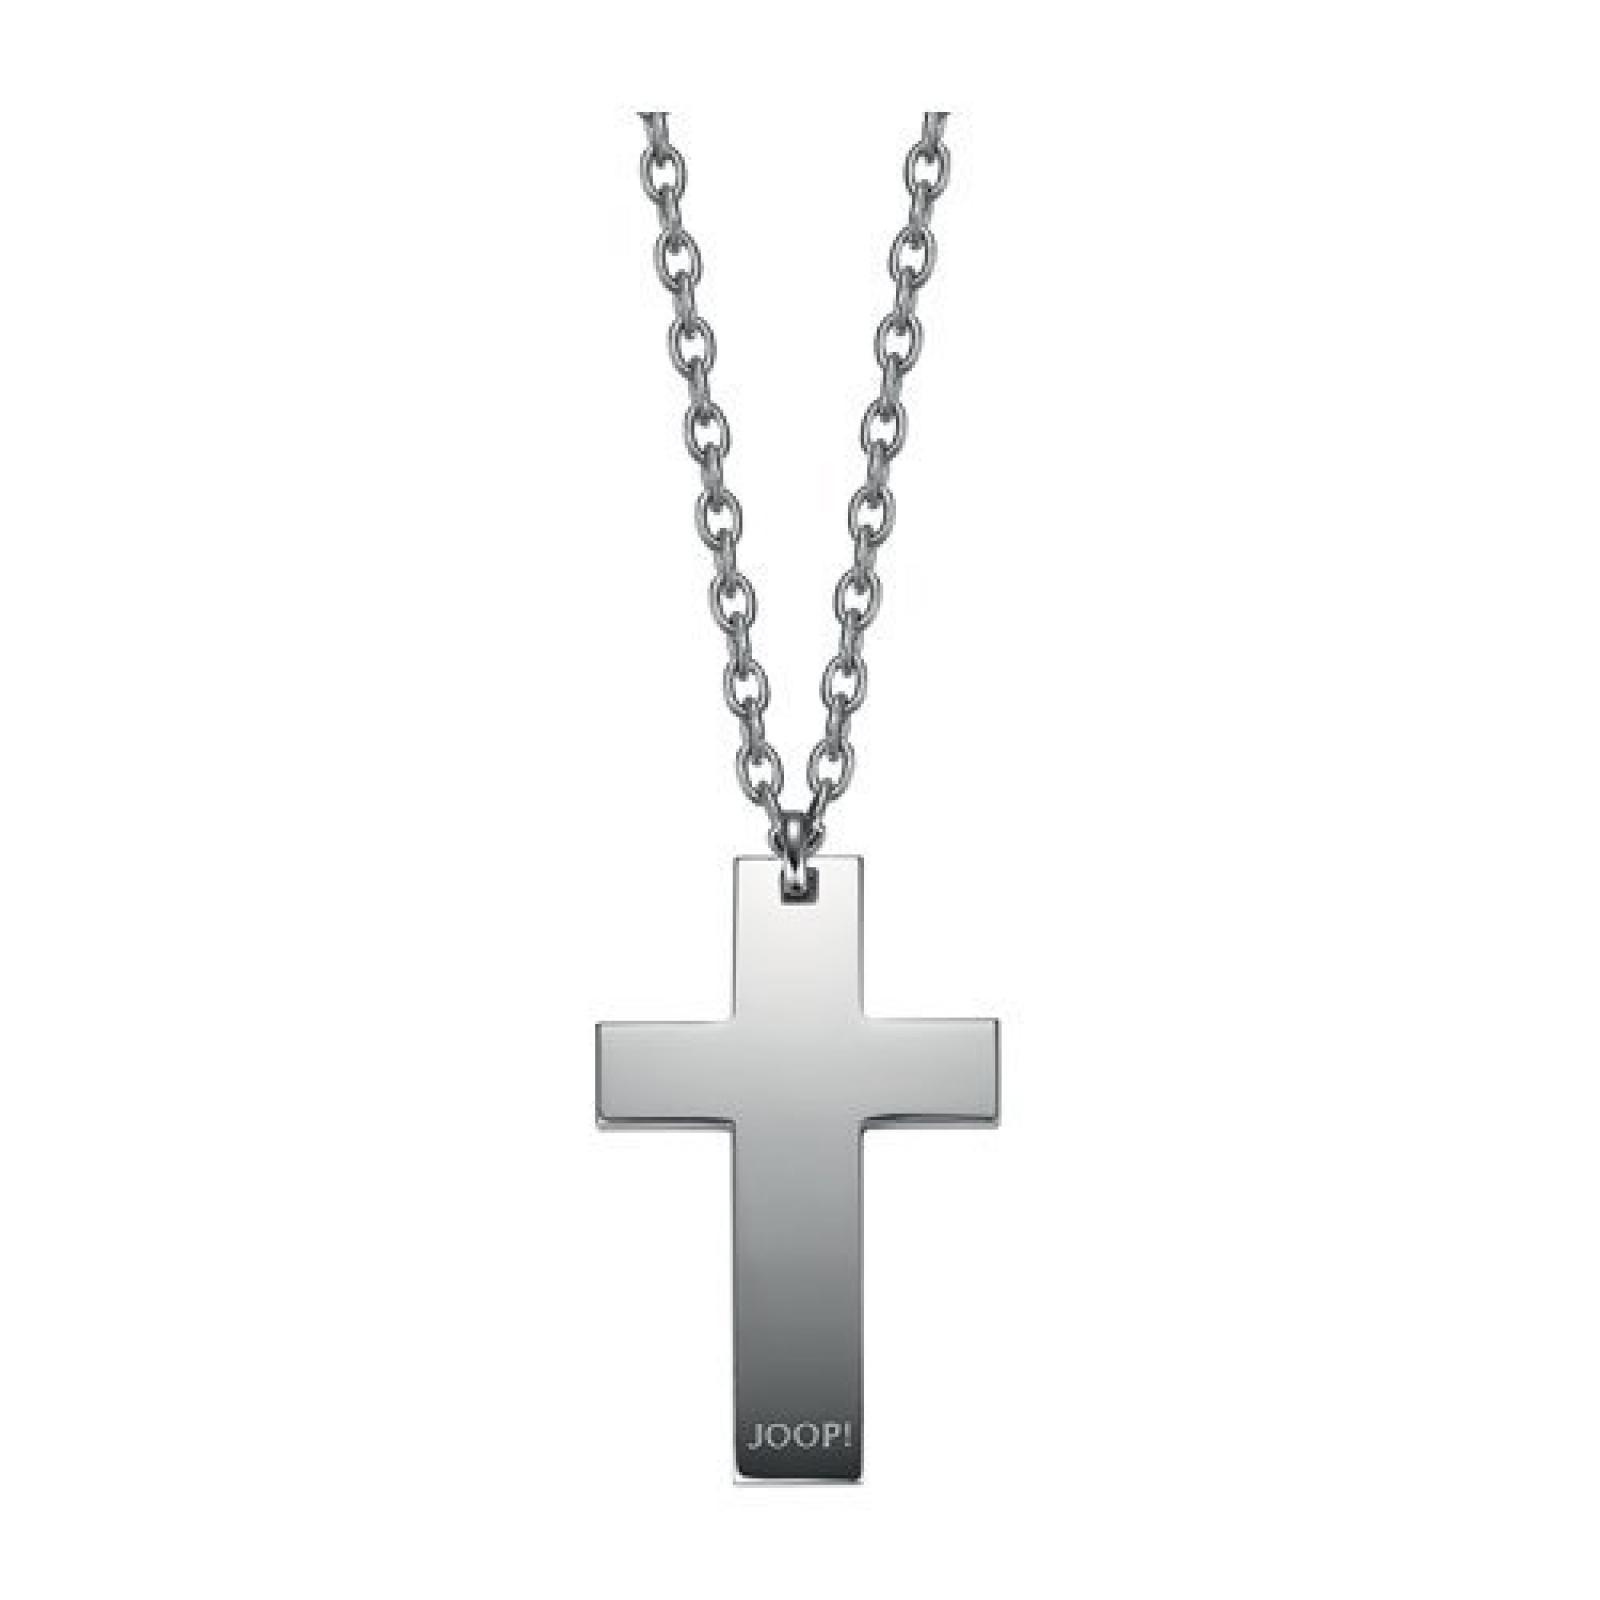 Joop Halskette JPNL10561A670 Herren Collier Kreuz cross Edelstahl 67 cm